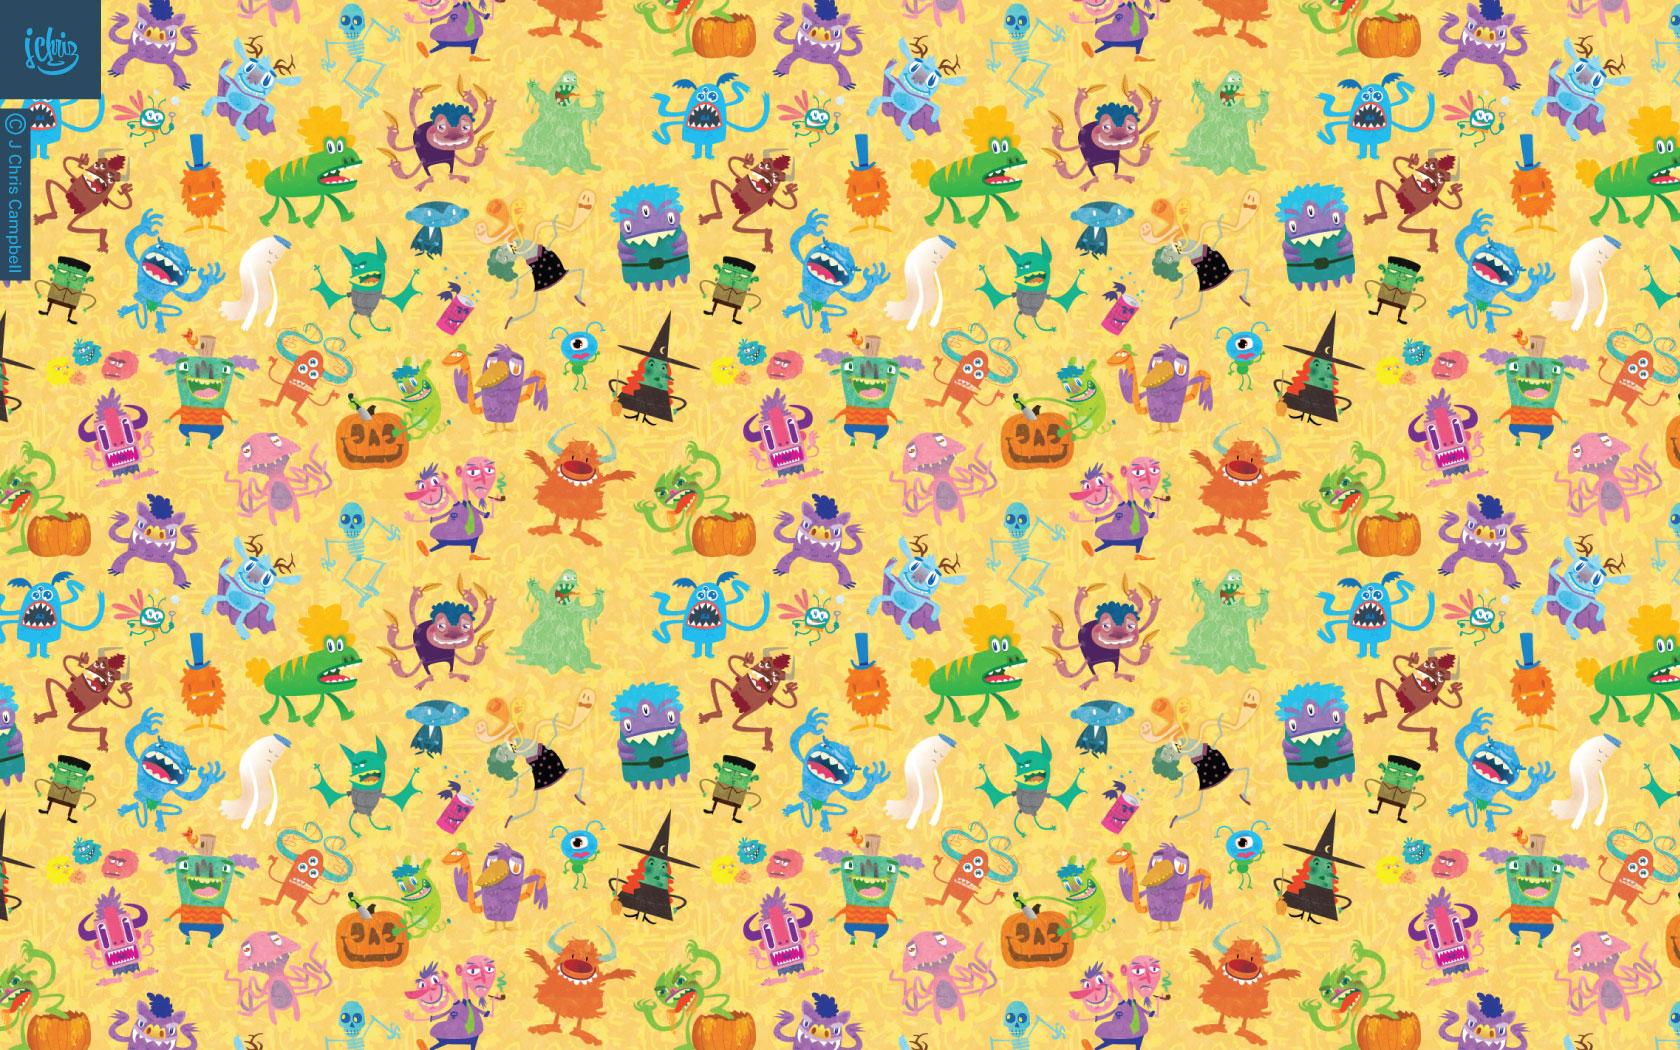 Indie Art Desktop Wallpaper Monster wallpapers and 1680x1050